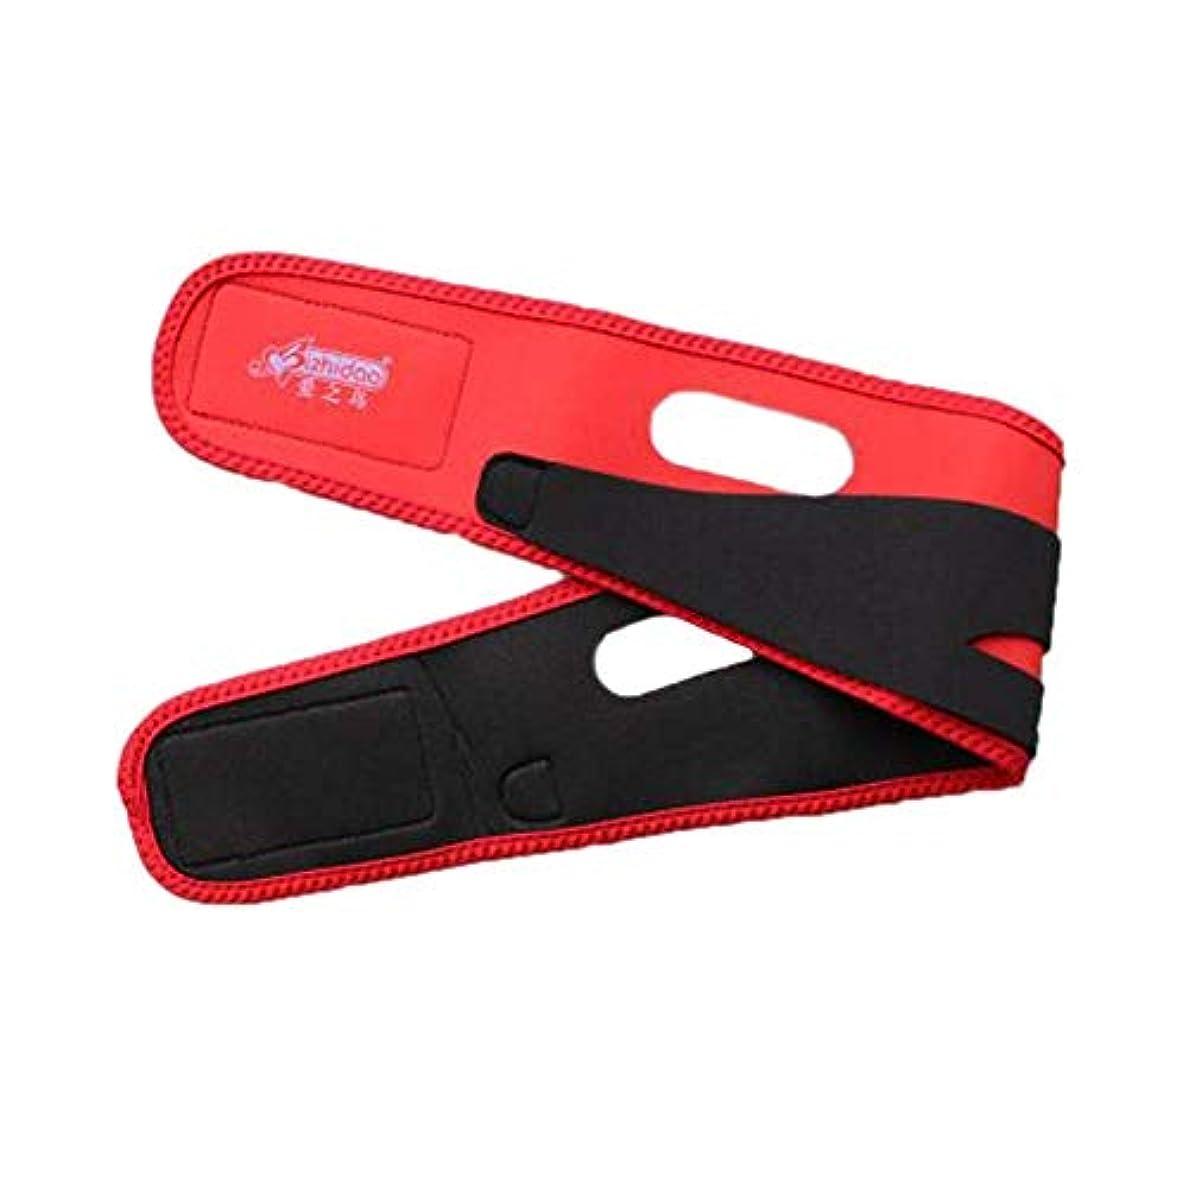 真実に小さな薬局フェイススリミングバンデージ、ダブルチンケア減量、フェイシャルリフティングバンデージ、フェイスマッサージマスク、ダブルチンストラップ(フリーサイズ)(カラー:レッド),赤